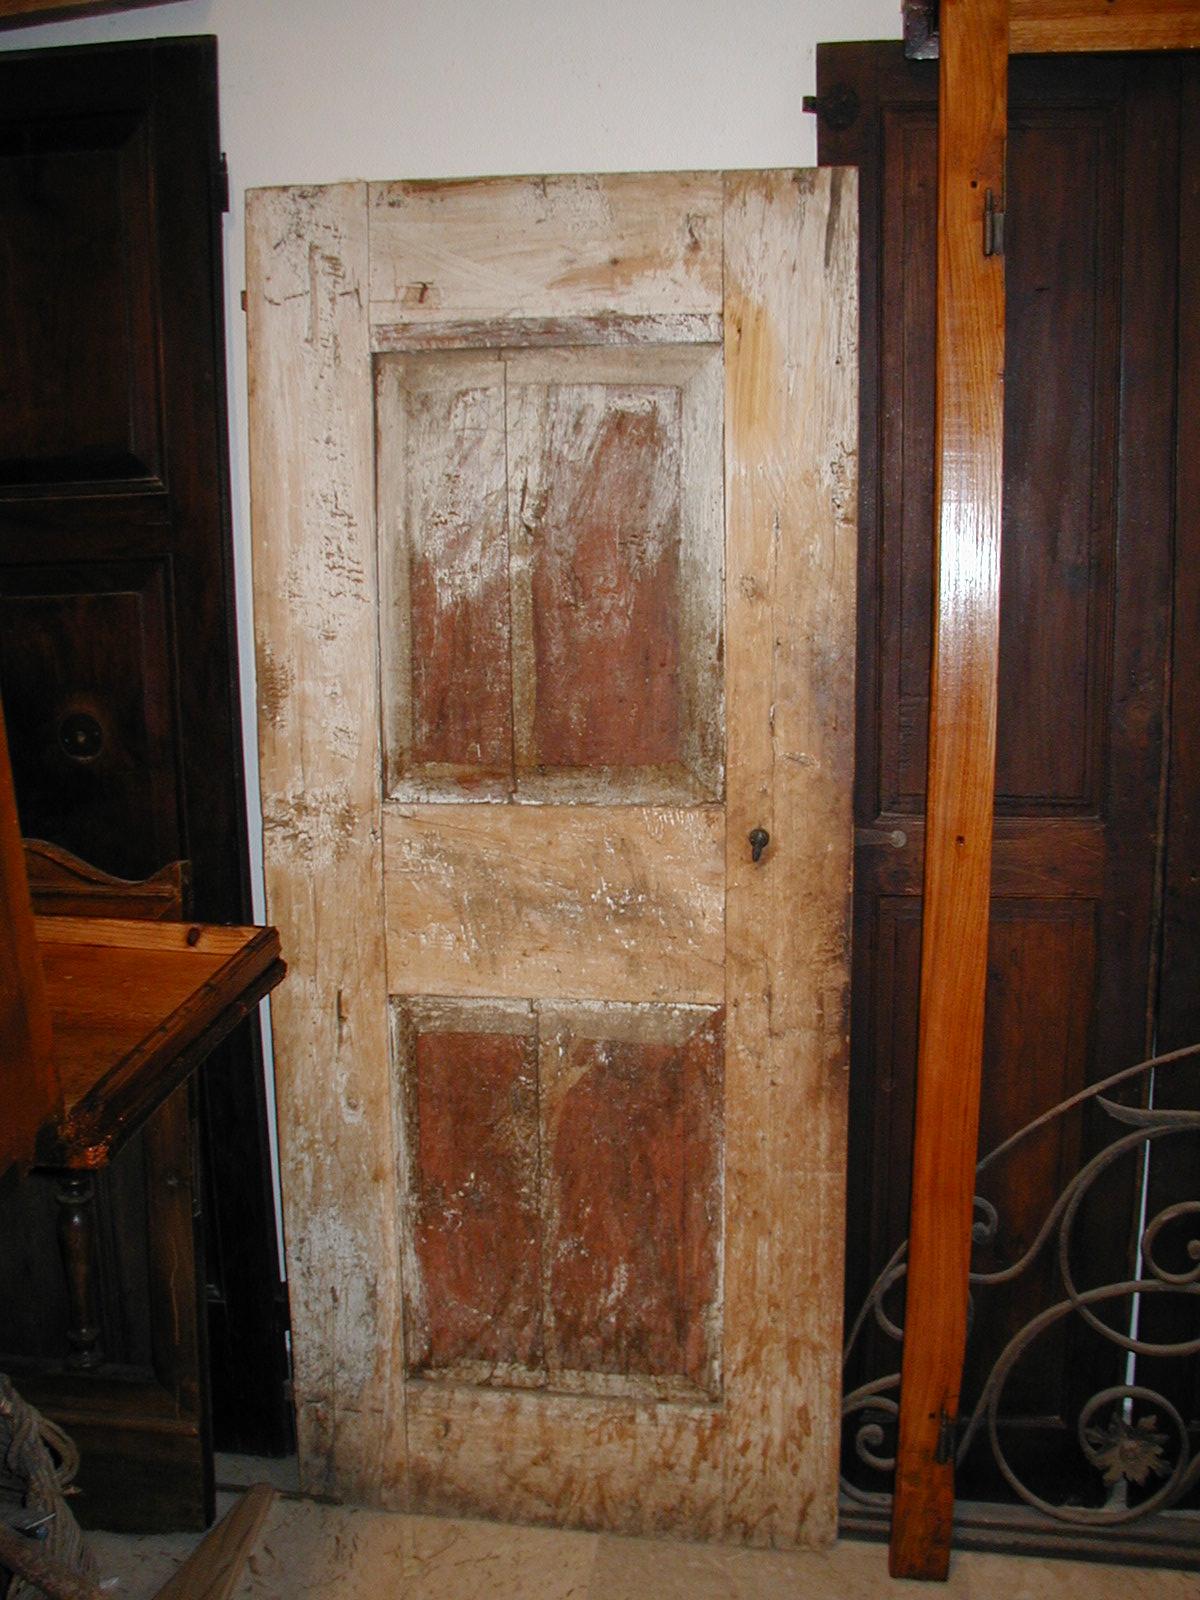 Porte e portoni vecchi ed antichi si possono riusare arredando arte e restauro - Porte vecchie in legno ...